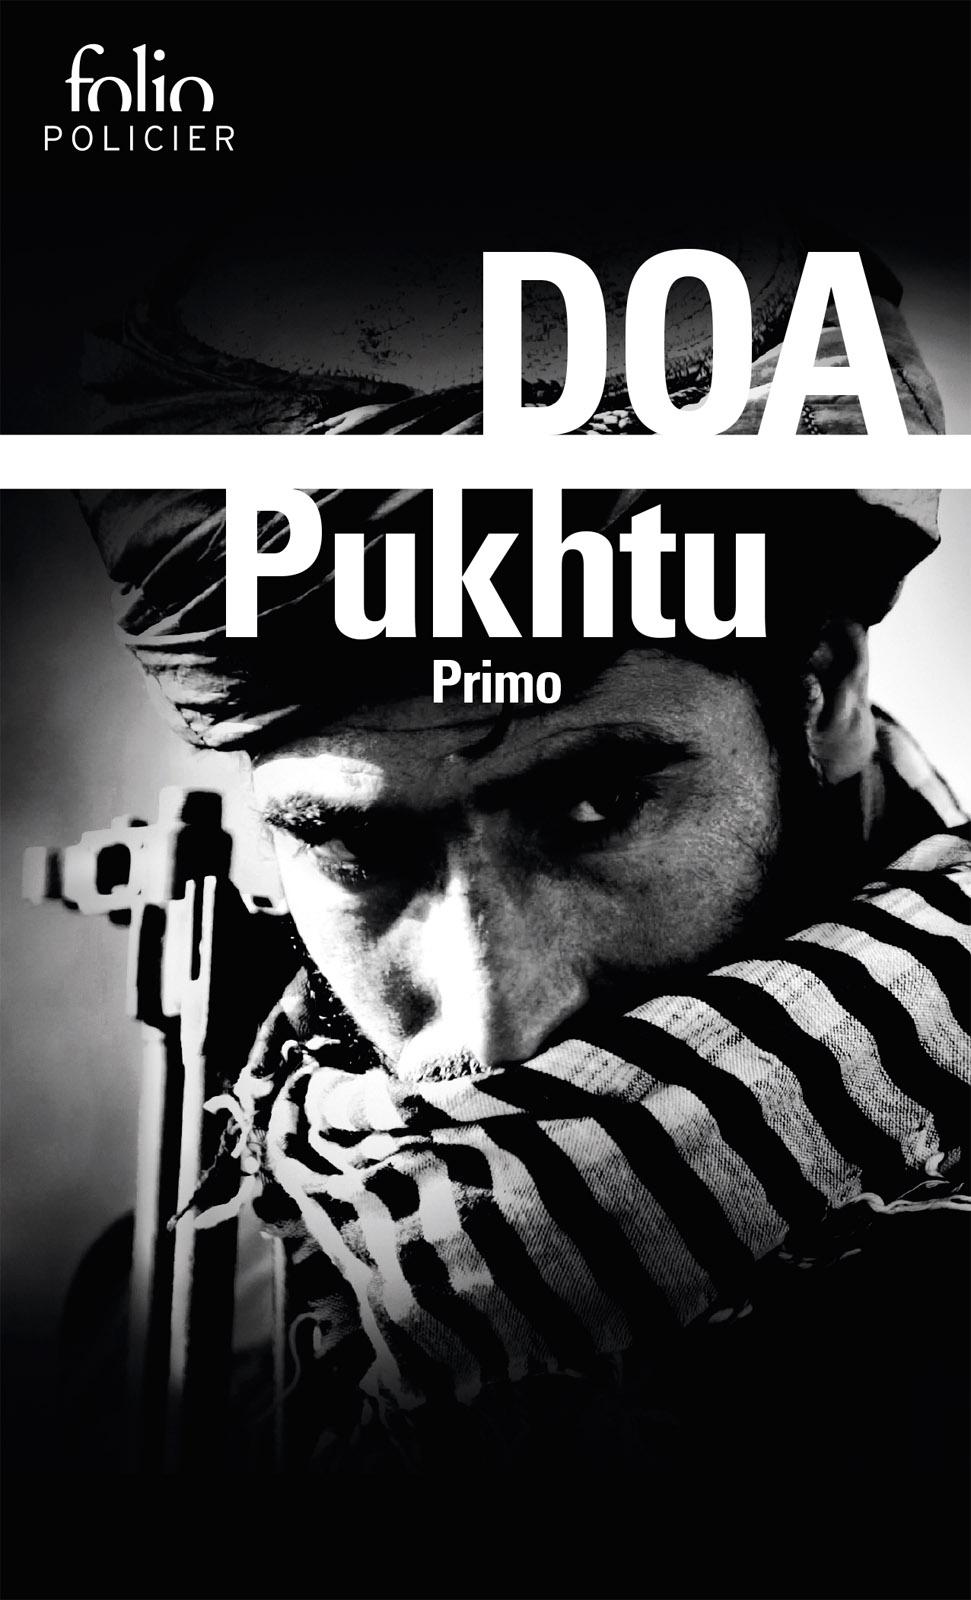 Pukhtu Primo | DOA,